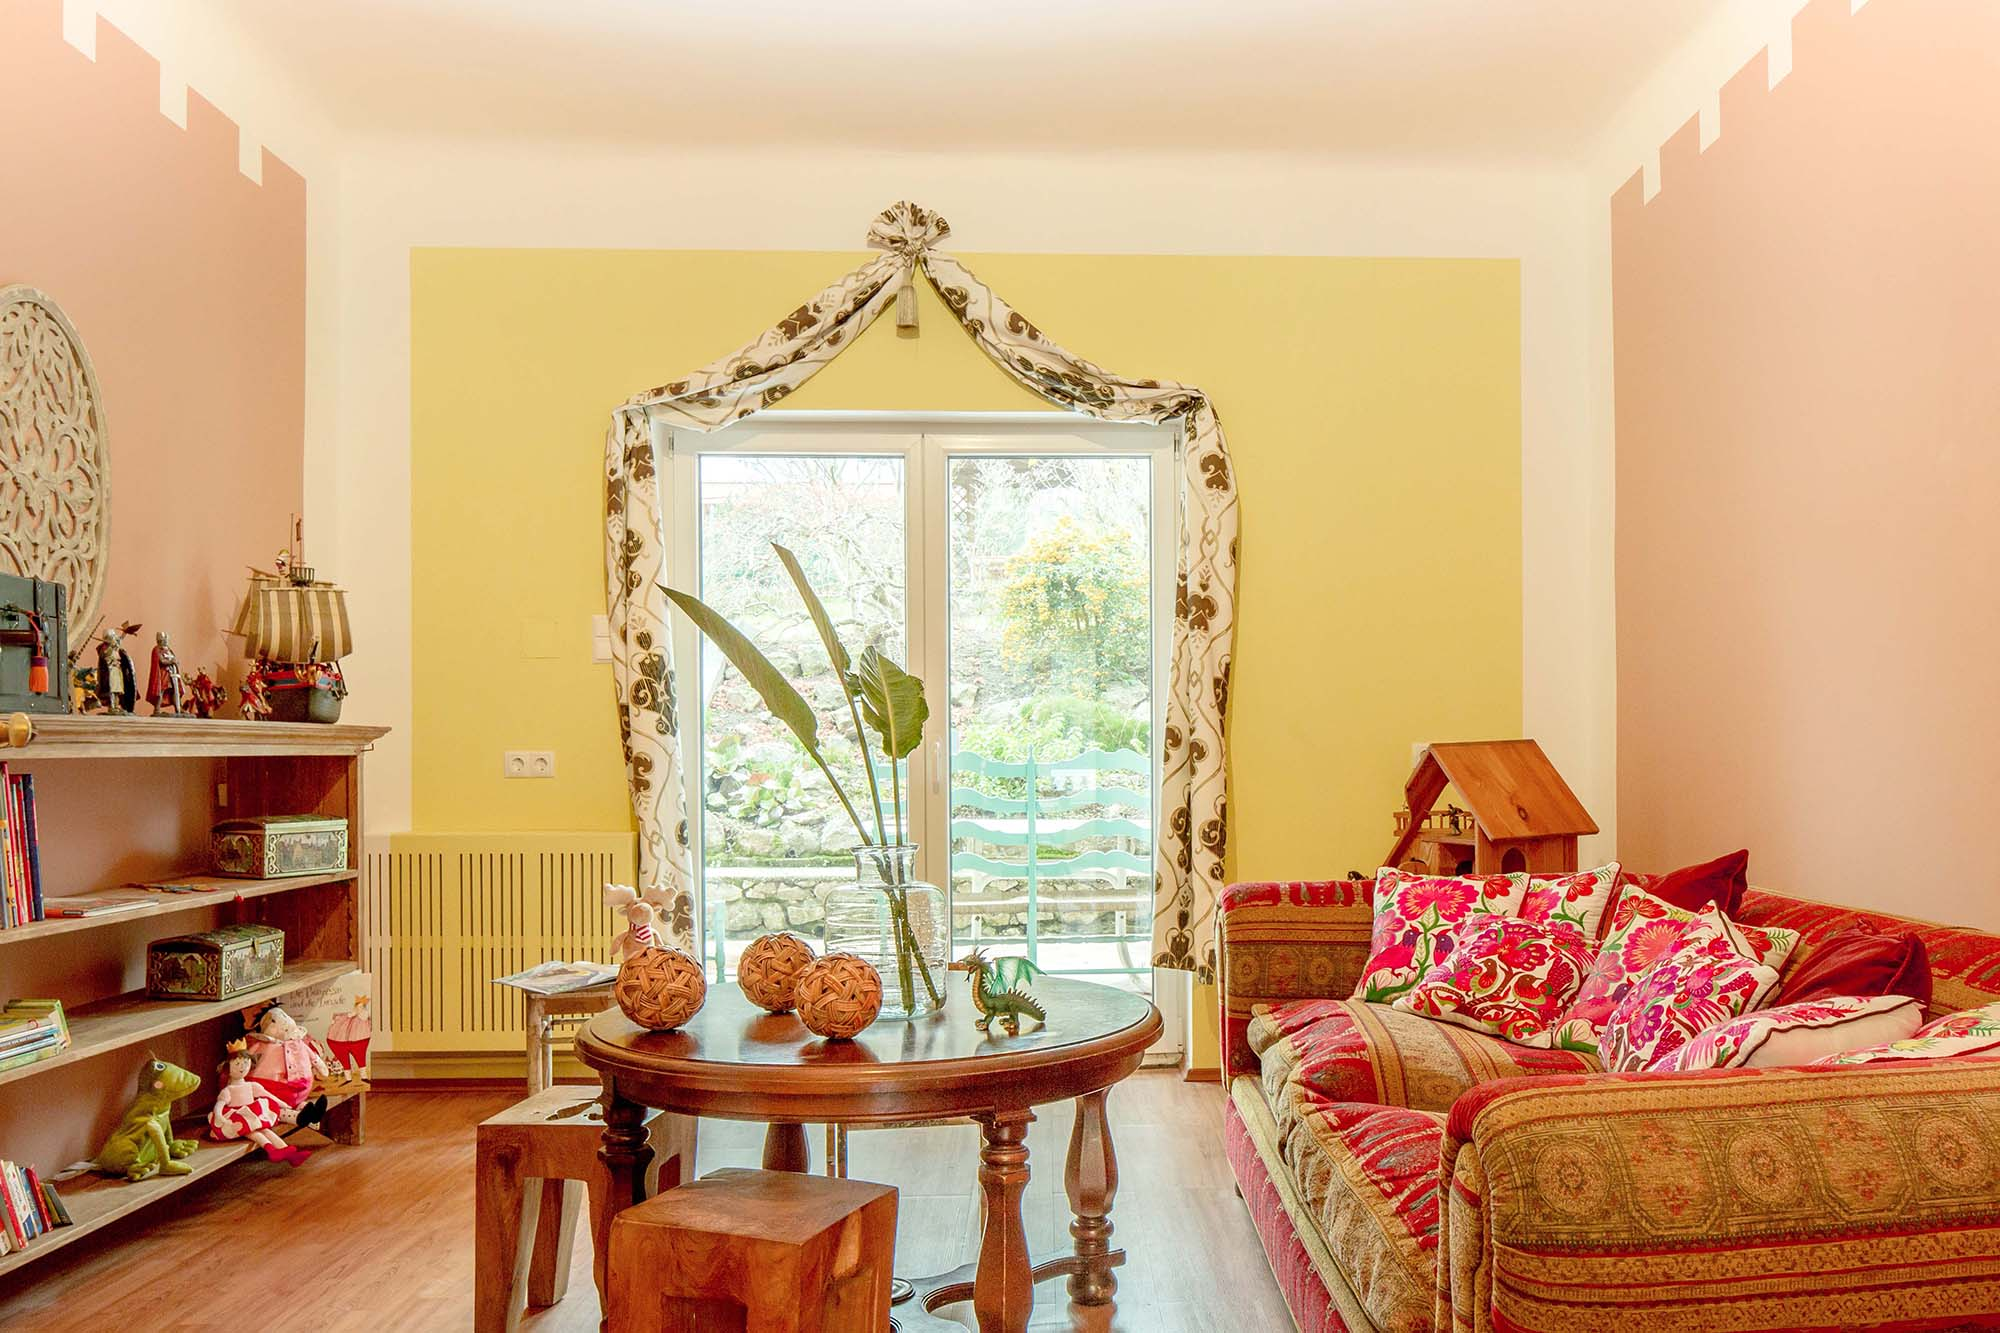 Spielzimmer mit Sofa, Tisch und Regal als Interieur, Ausgang auf die Terrasse.